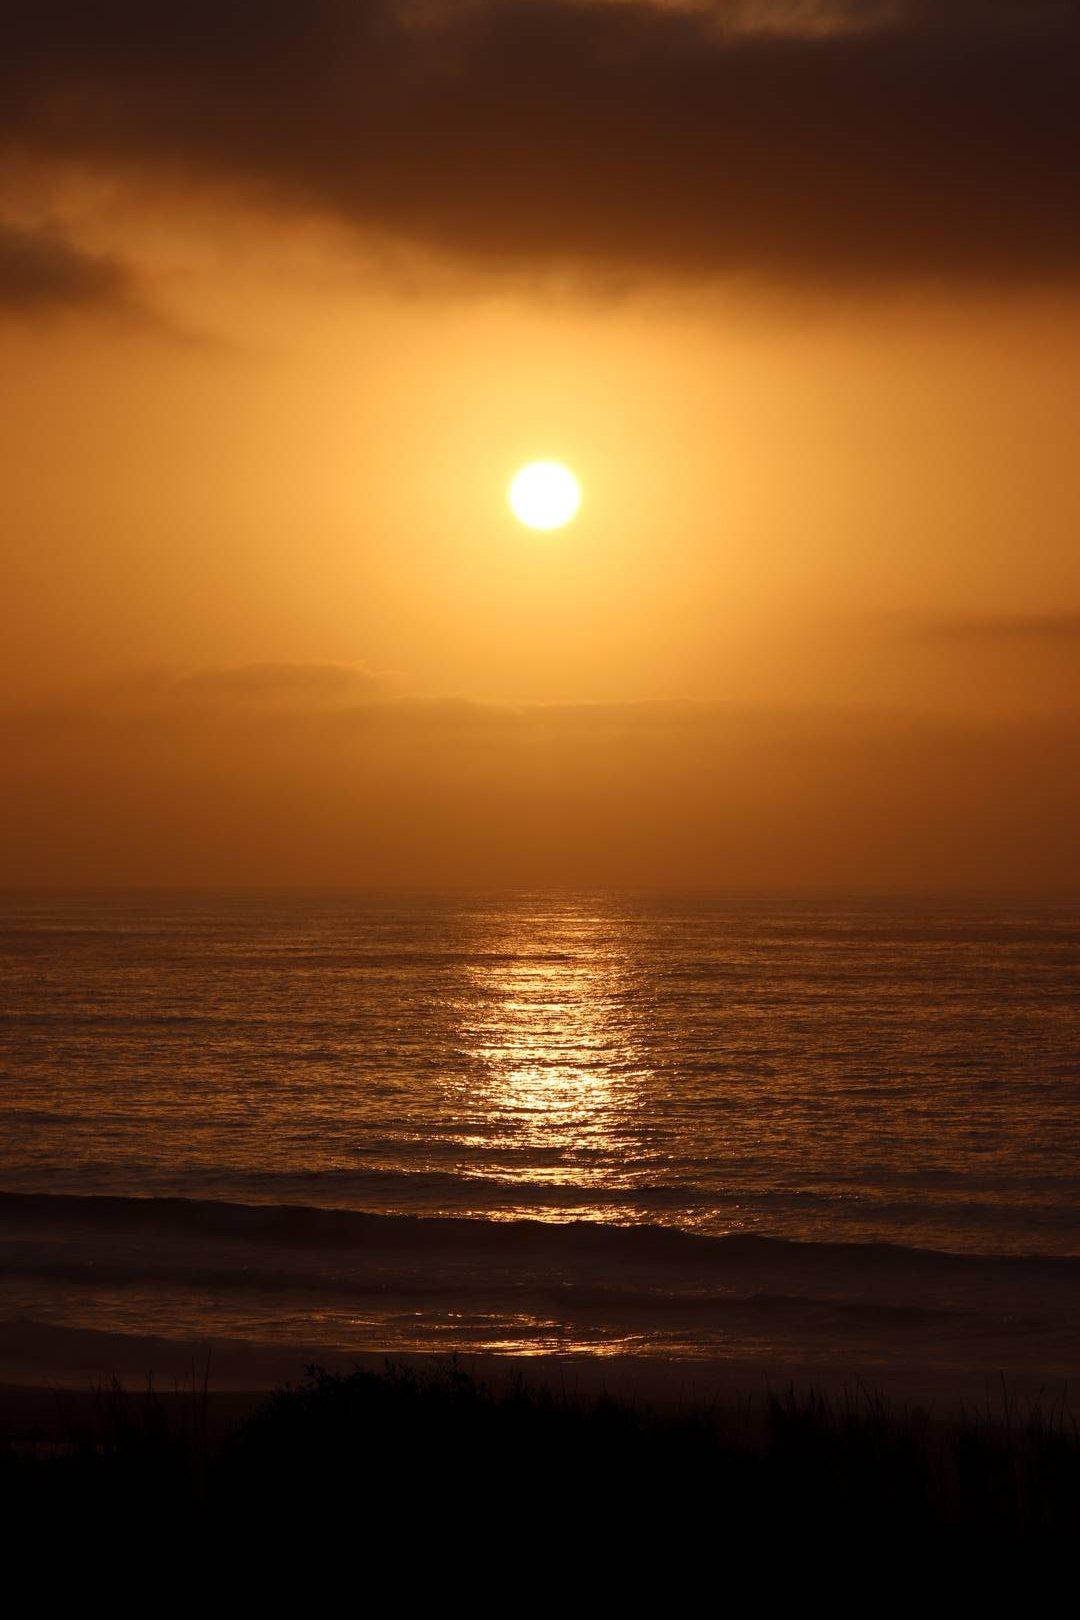 Maroc - Coucher de soleil sur l'Atlantique à Oualidia